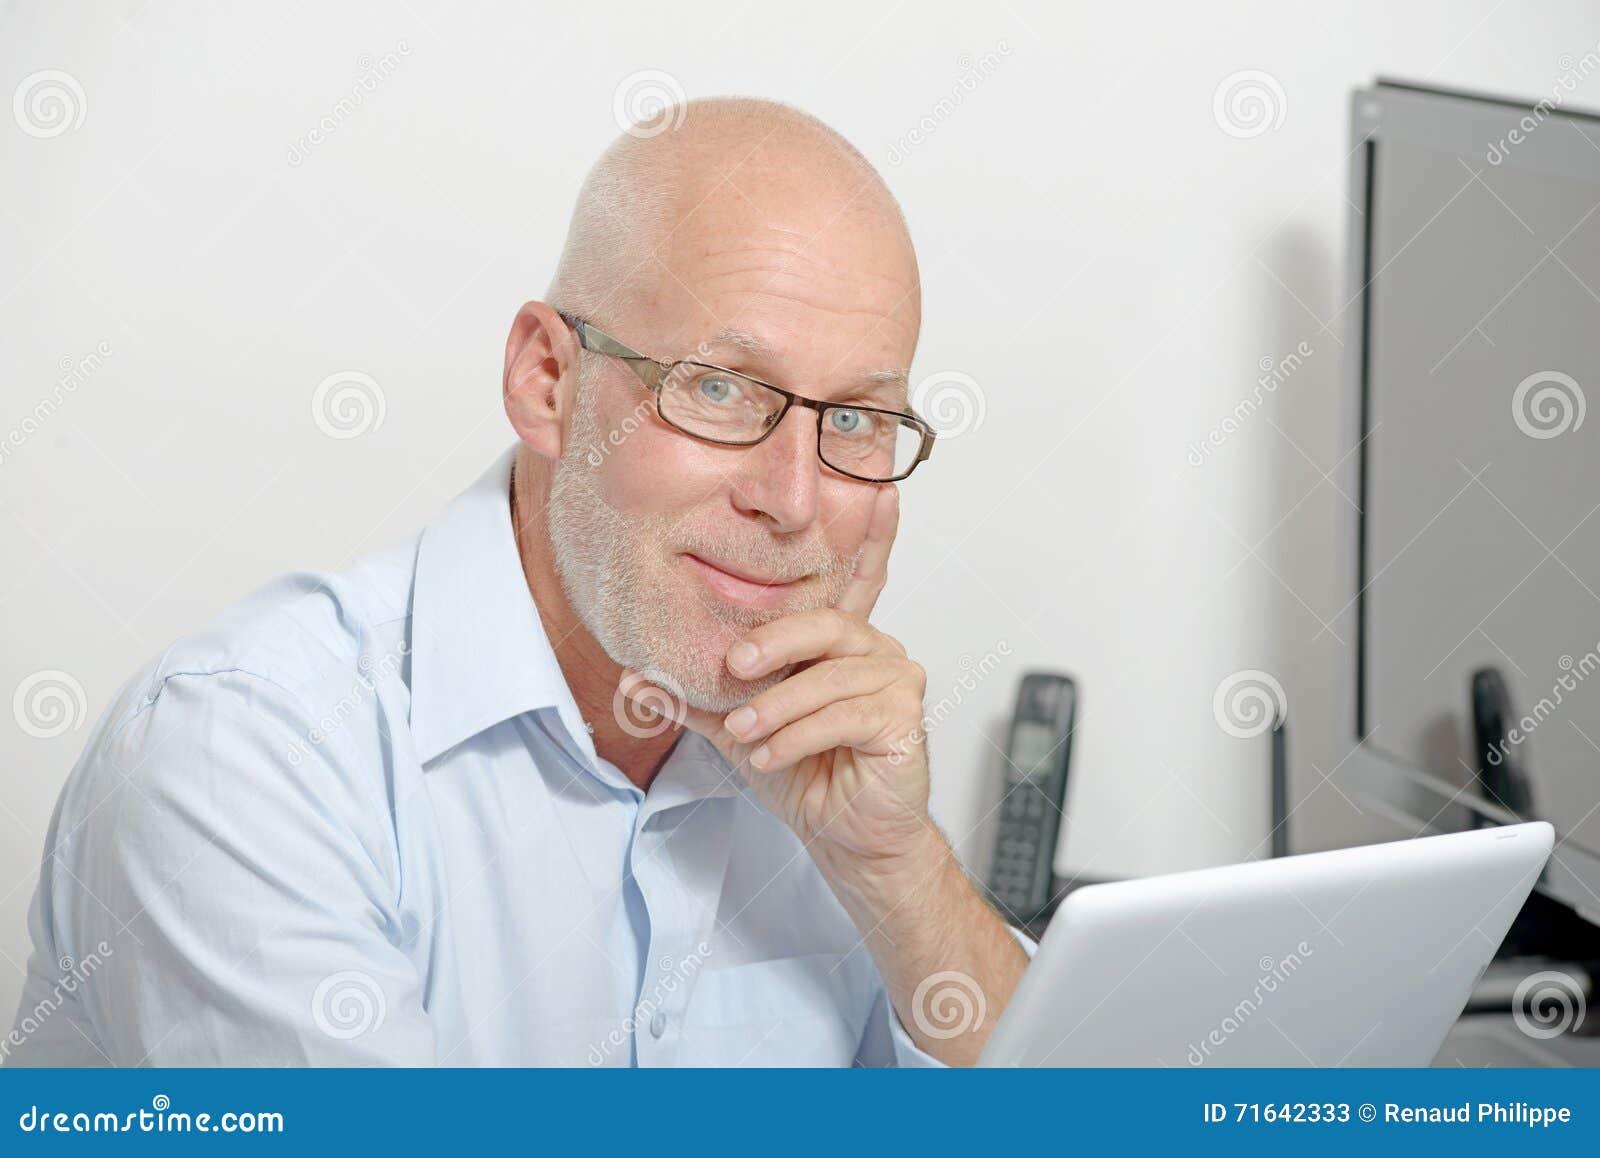 Portrait d un homme d une cinquantaine d années avec un comprimé numérique